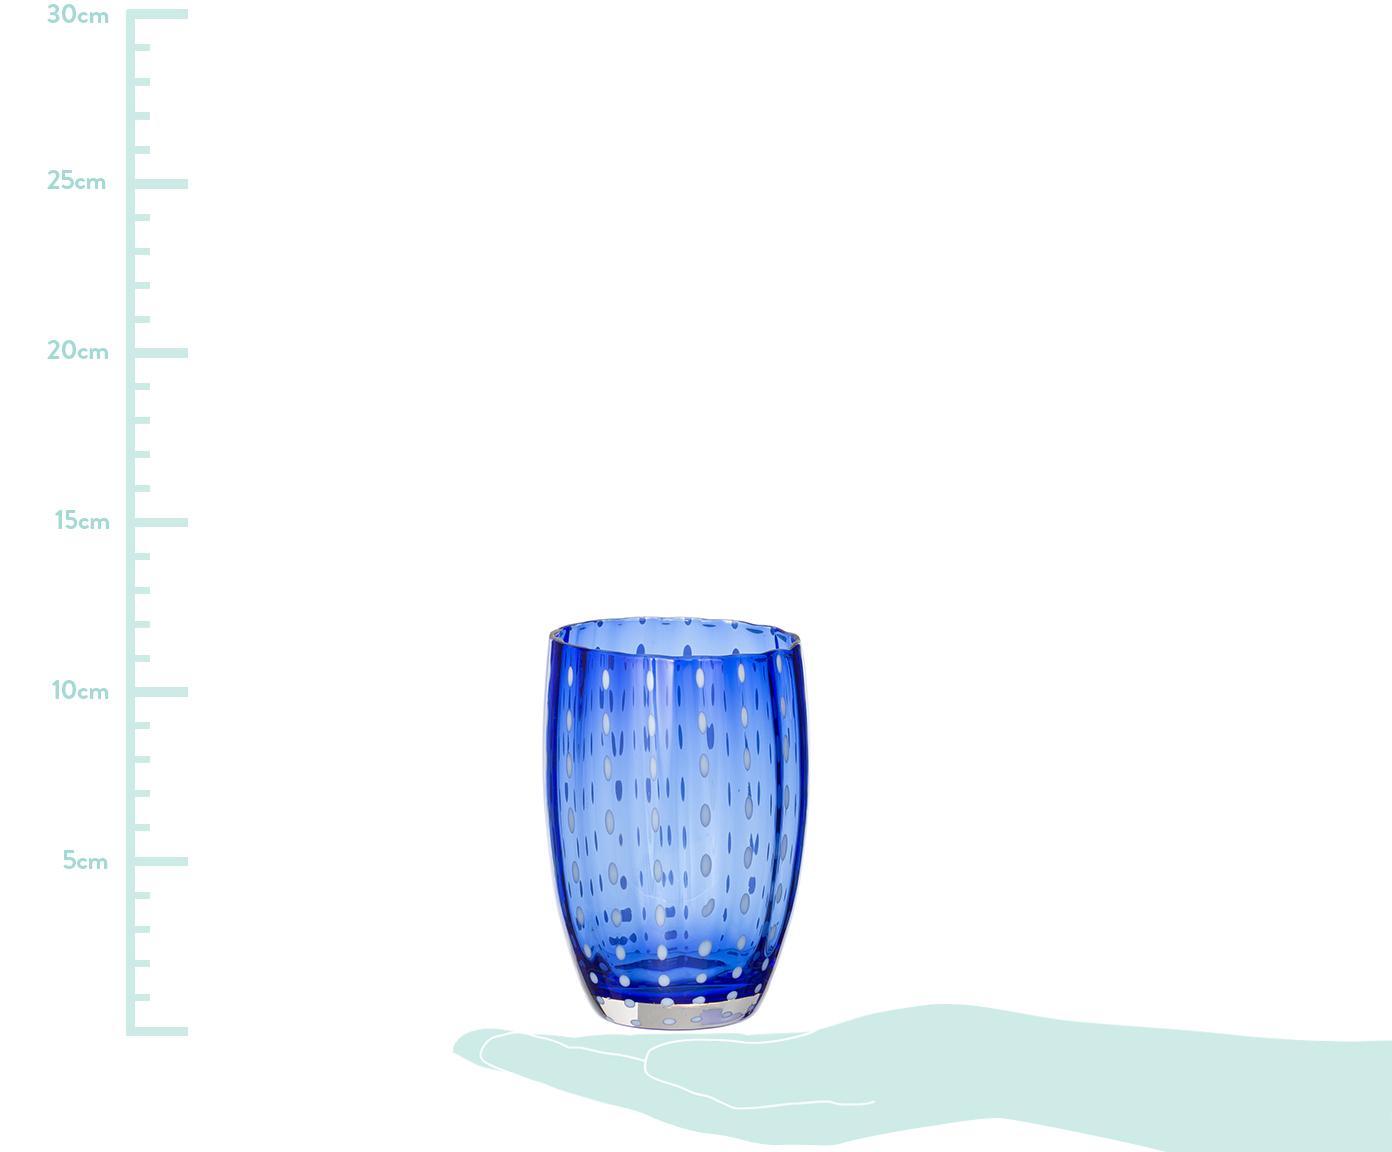 Bicchiere acqua in vetro soffiato Pearl, set di 6, Vetro, Trasparente, bianco, acqua, ambra, rosa cipria, rosso o verde, Ø 7 x Alt.11 cm